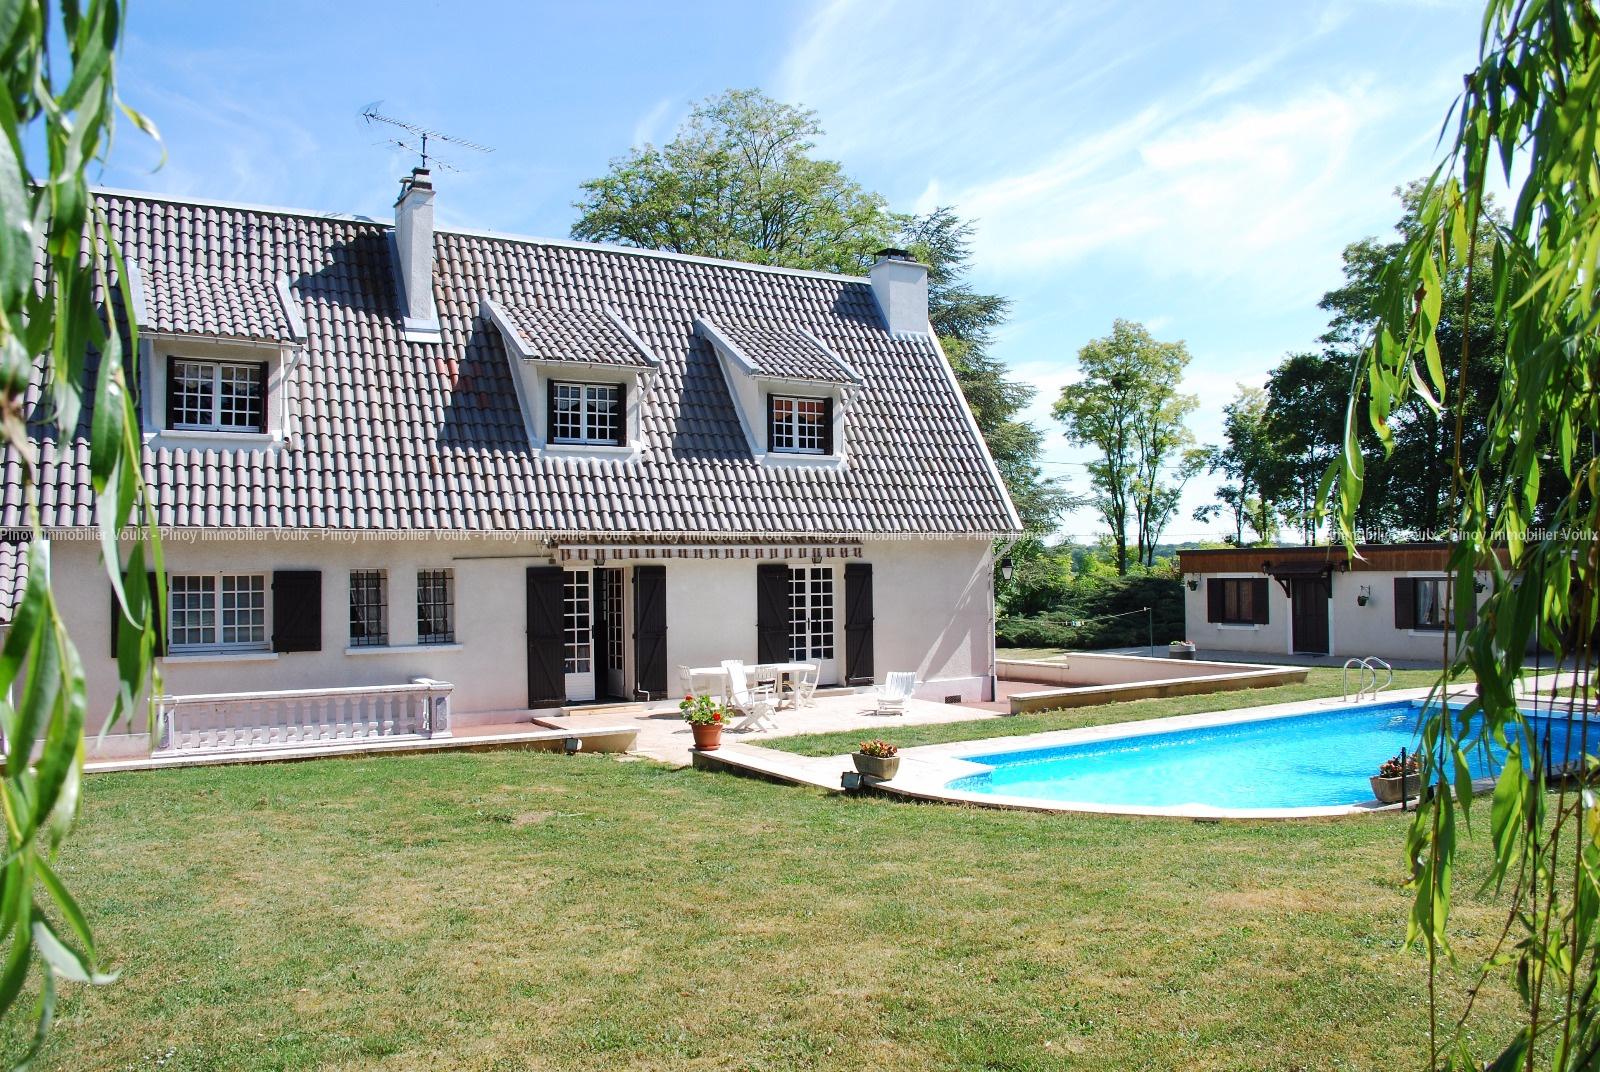 vente Maison familiale avec jardin et piscine